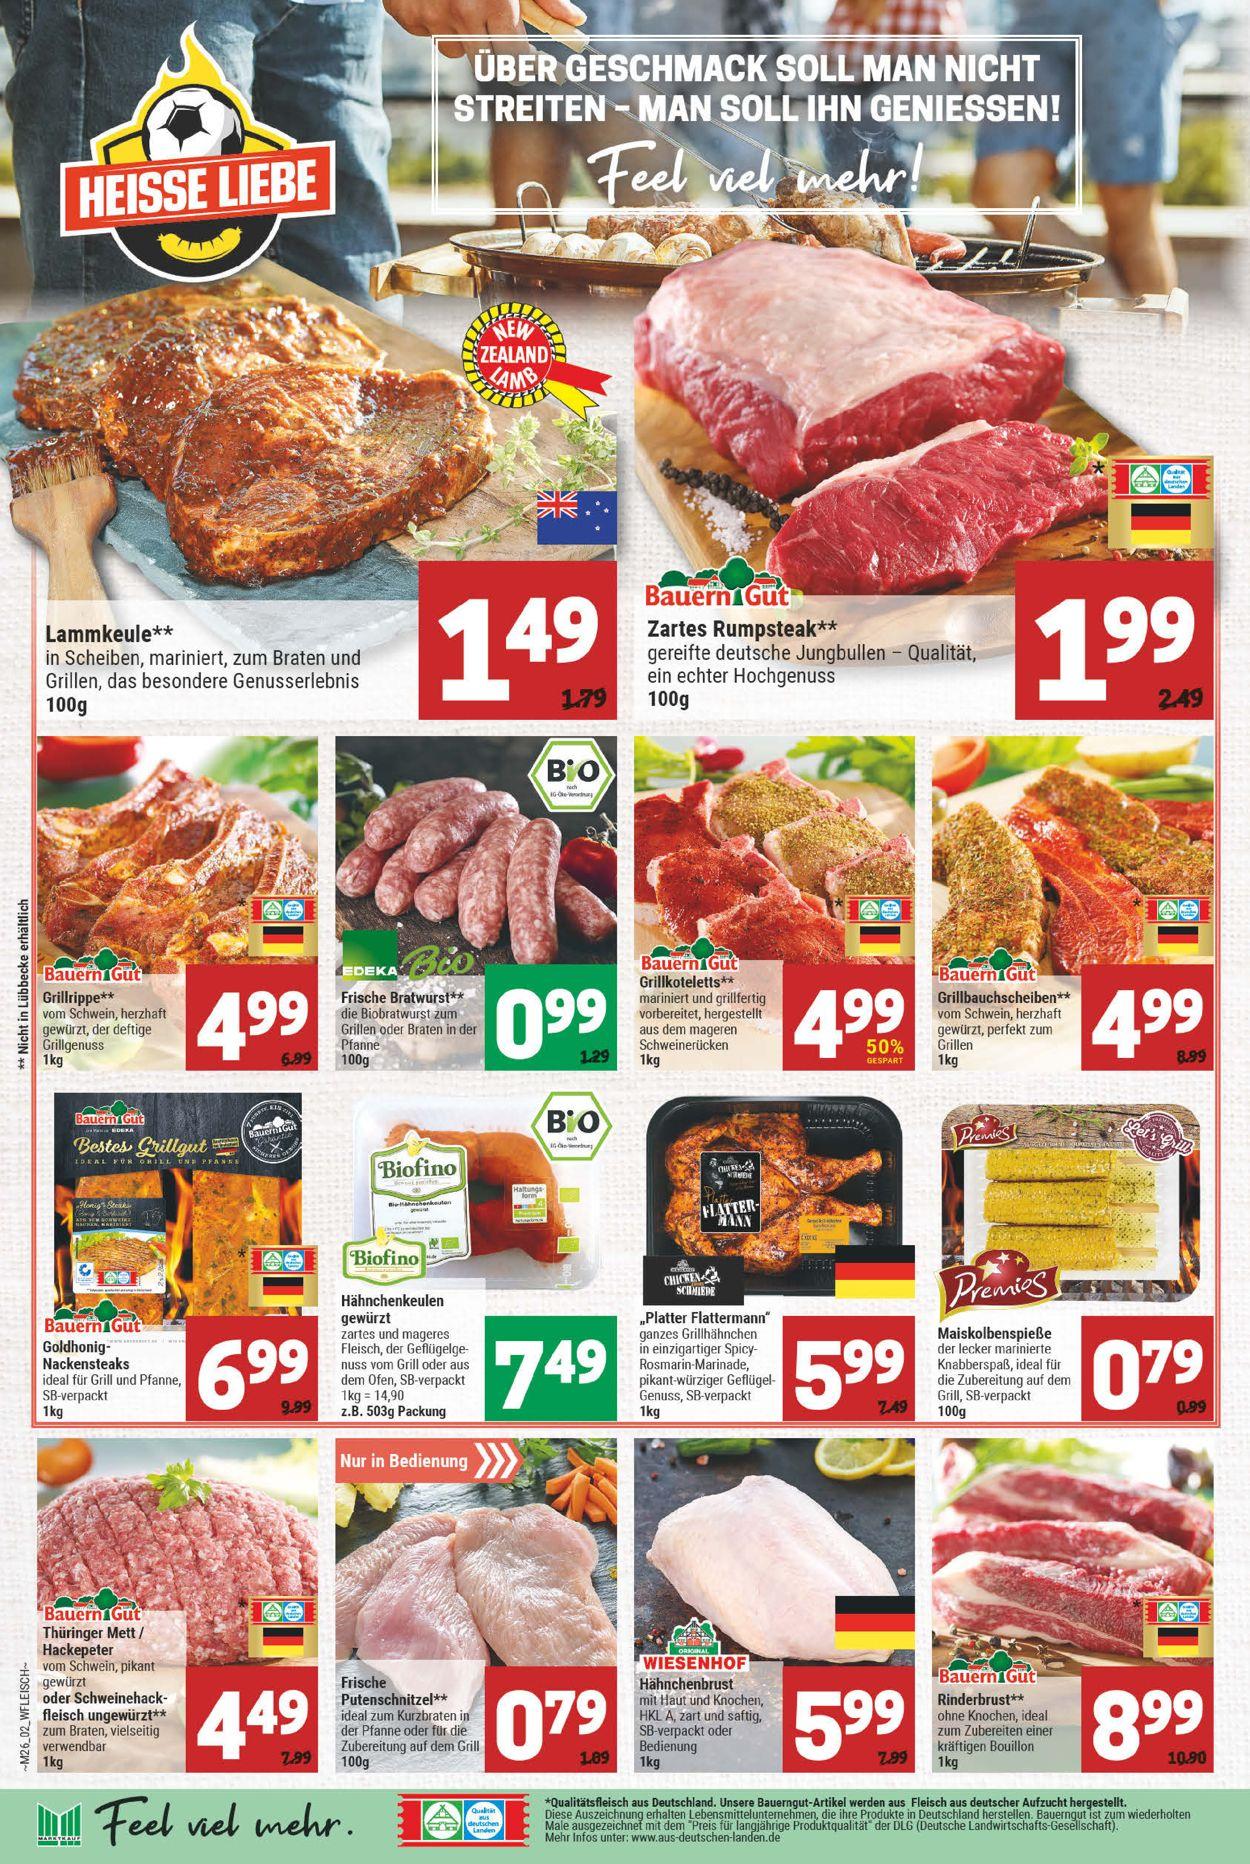 Marktkauf Prospekt - Aktuell vom 28.06-03.07.2021 (Seite 2)